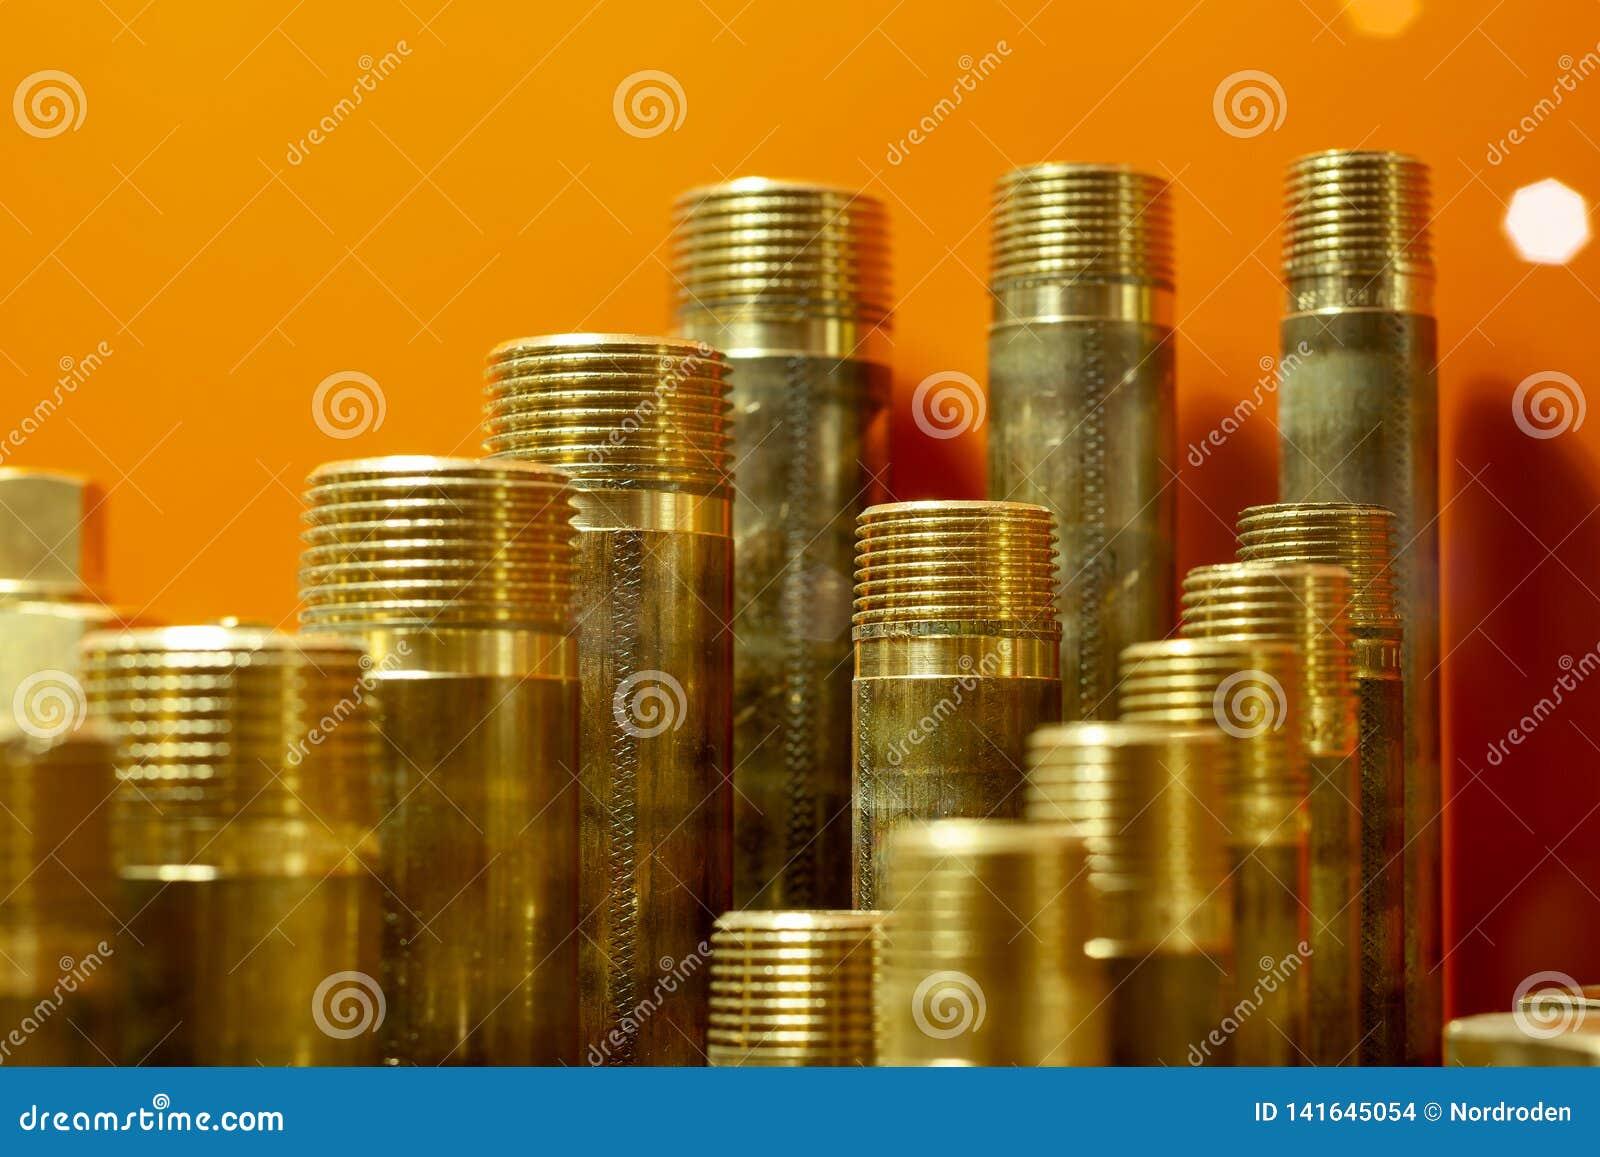 Uma variedade de conectores da tubulação do encanamento, cantos, encaixes, bocais